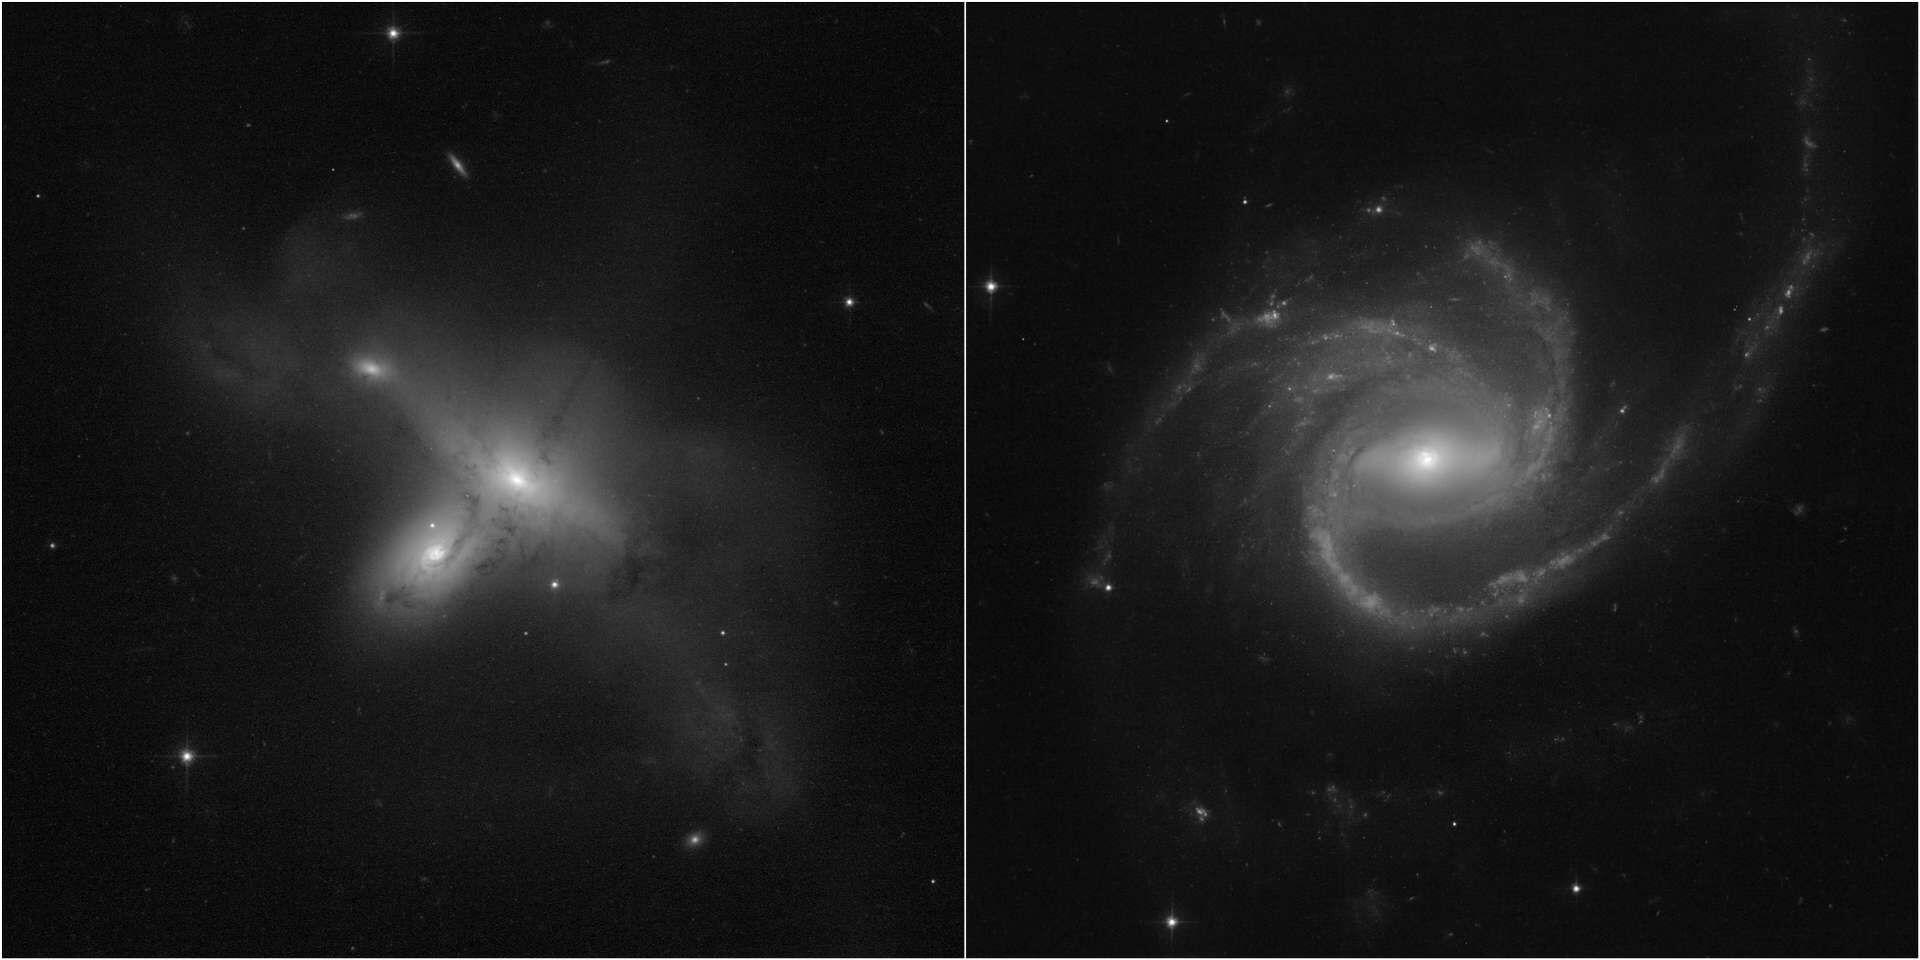 Travaillant depuis le contrôle de mission au Goddard Space Flight Center de la Nasa à Greenbelt, Maryland, ainsi qu'à distance en raison des restrictions imposées par la Covid-19, les ingénieurs de la Nasa ont finalement mené à bien la commutation du télescope Hubble sur un ordinateur de bord de secours. Hubble a repris ce weekend ses observations après un mois d'arrêt, comme le prouvent de nouvelles images.